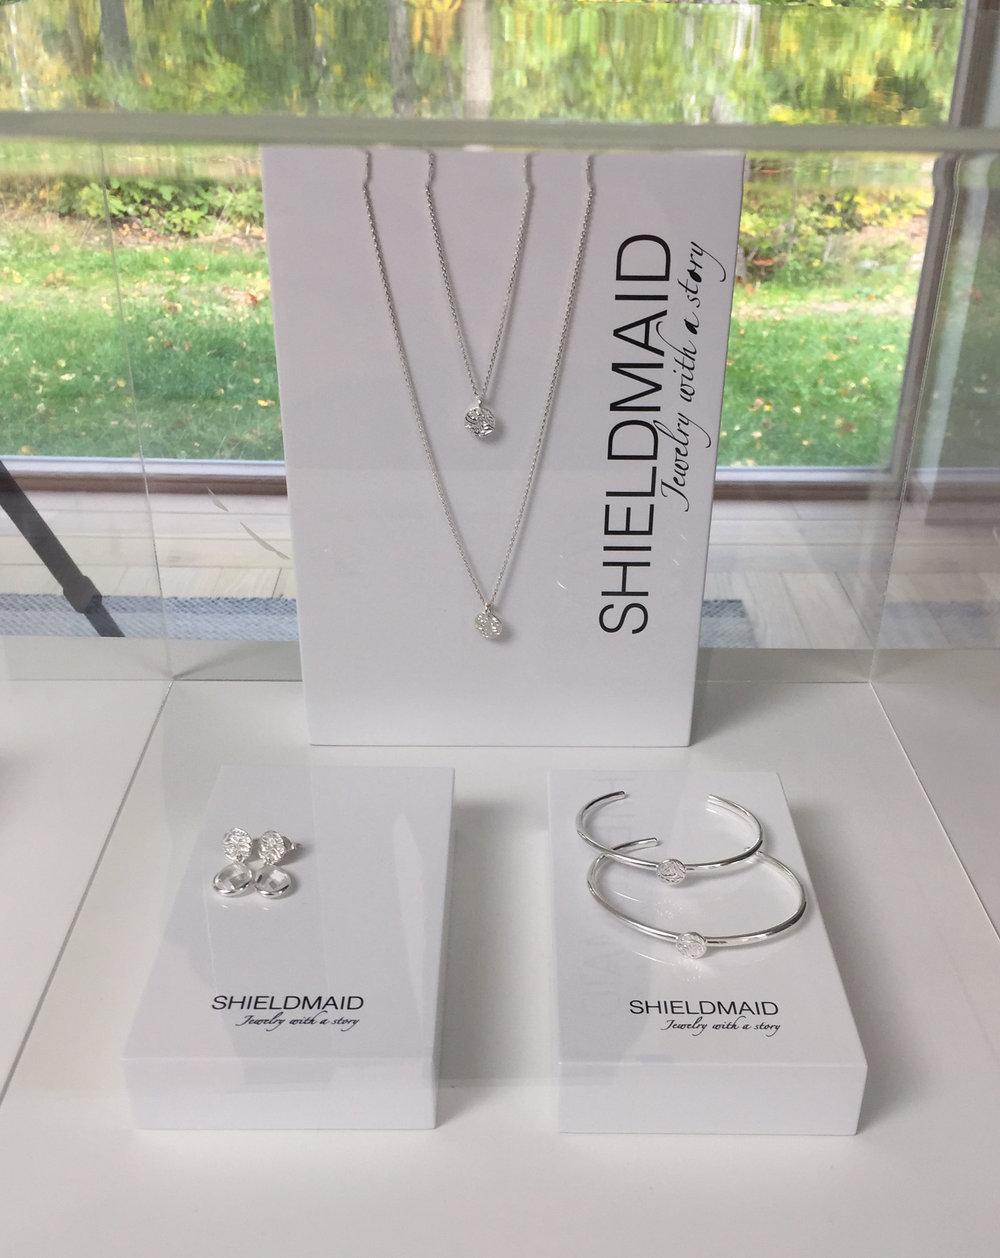 Shieldmaid - Anna skapar väldigt vackra smycken och storyn bakom smyckena är otroligt fin. Varje smycke illustrerar en sköld, en sköld som ger ett skydd men som även ger styrka och mod. Shieldmaid står för kvinnlig empowerment, att kvinnor ska våga ta för sig mer och våga följa sina drömmar, våga ta plats, våga starta företag och att våga bli den person som man egentligen är.Detta är något som ligger mig själv väldigt varmt om hjärtat och därför känner jag så starkt för Annas Shieldmaid!